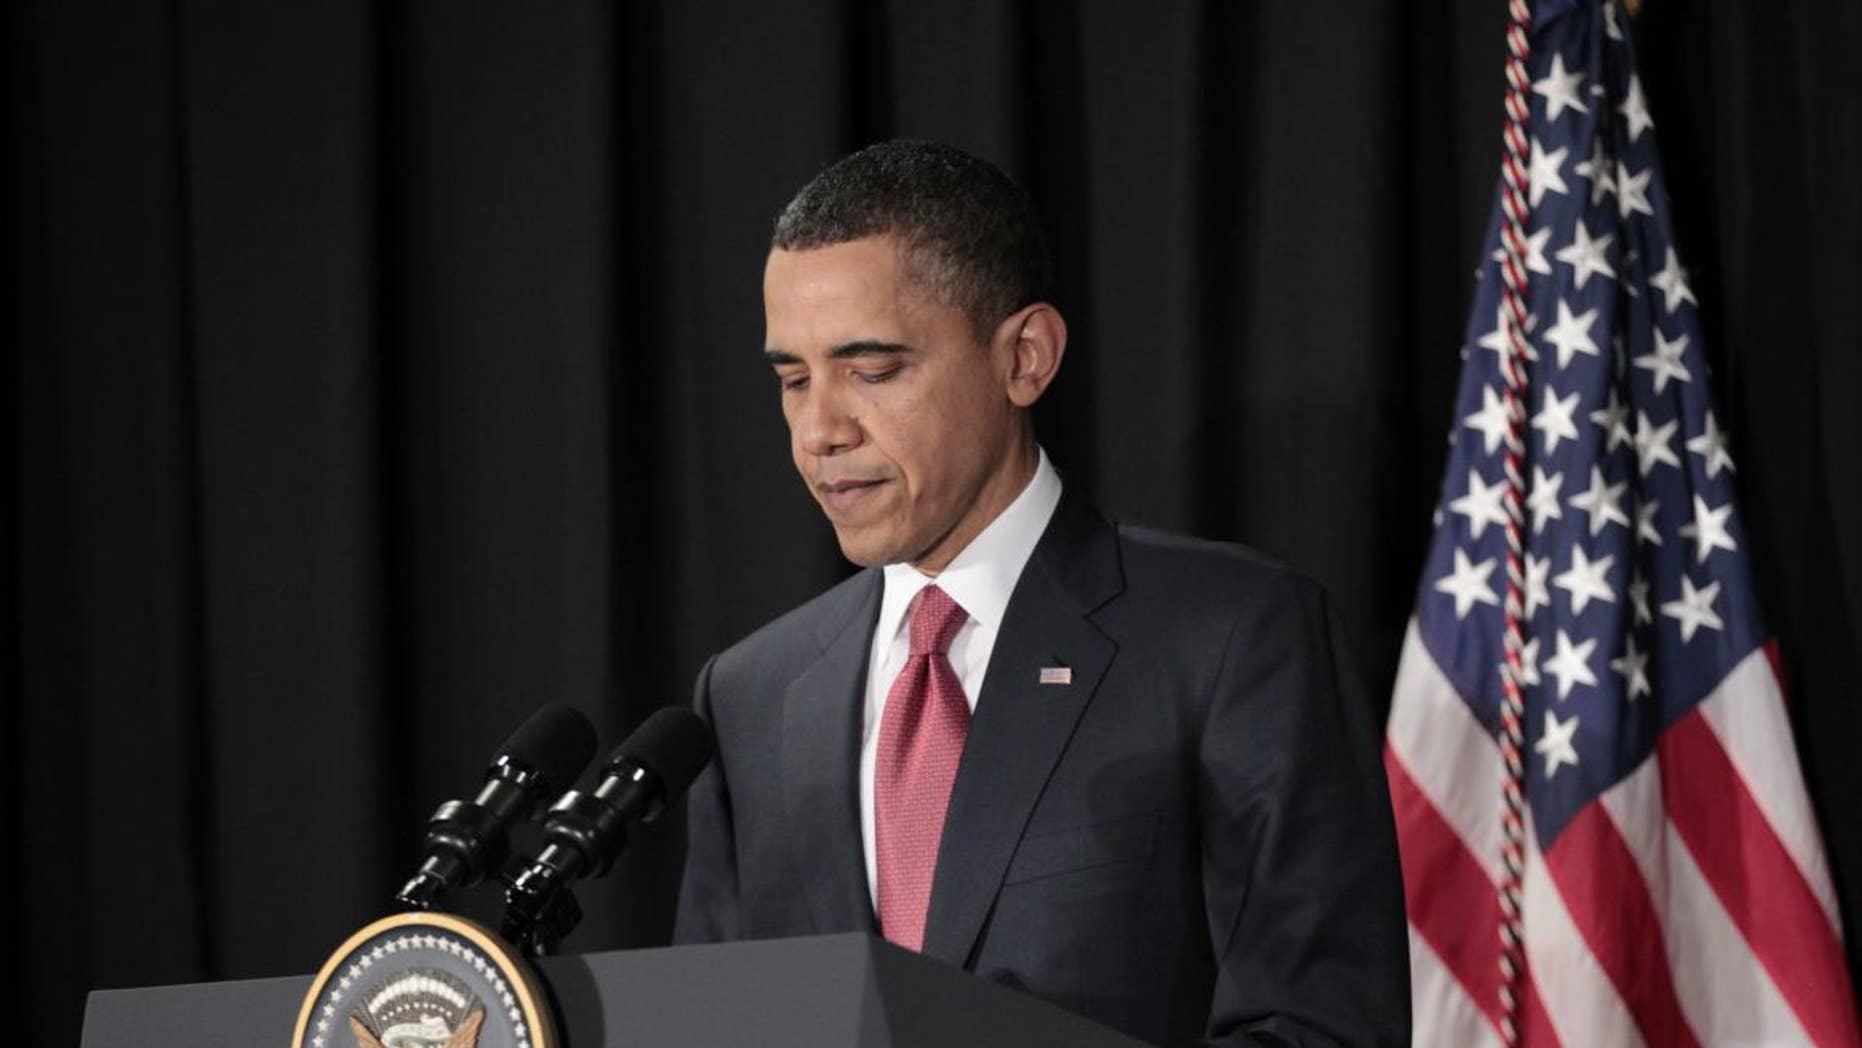 President Obama makes a statement on Libya from Brazil